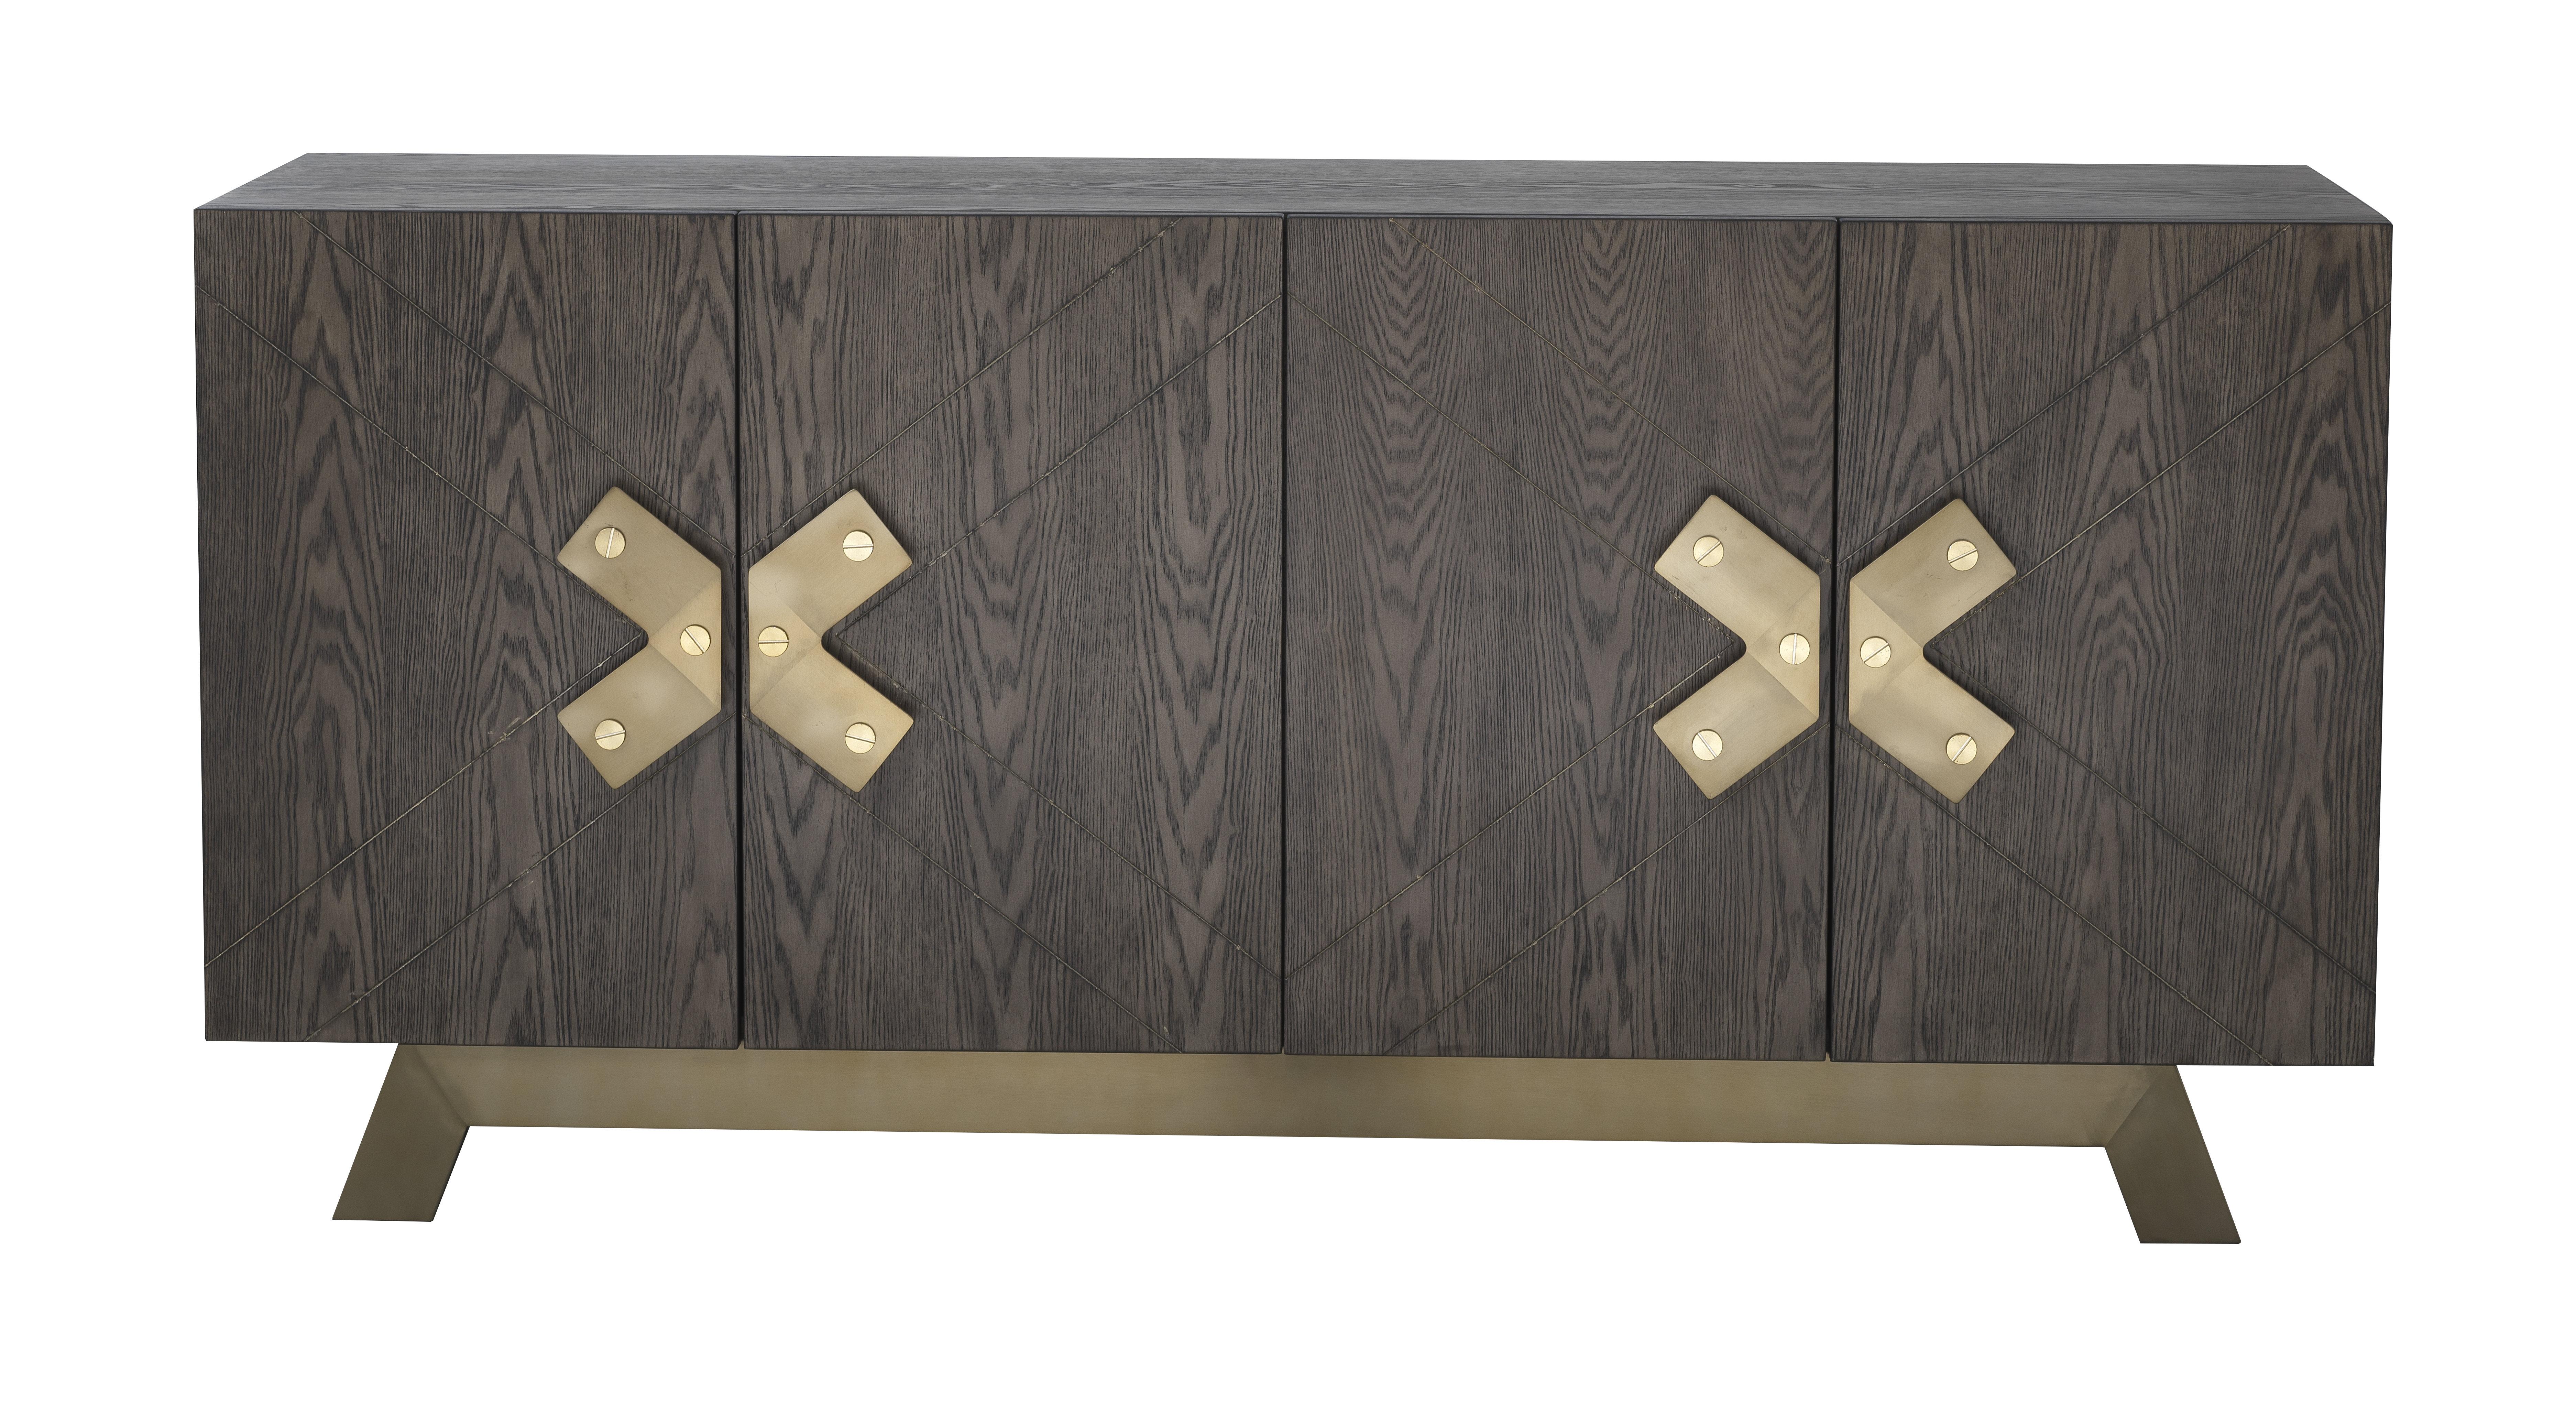 Modern & Contemporary Kieth 4 Door Credenza | Allmodern Inside Newest Kieth 4 Door Credenzas (View 6 of 20)